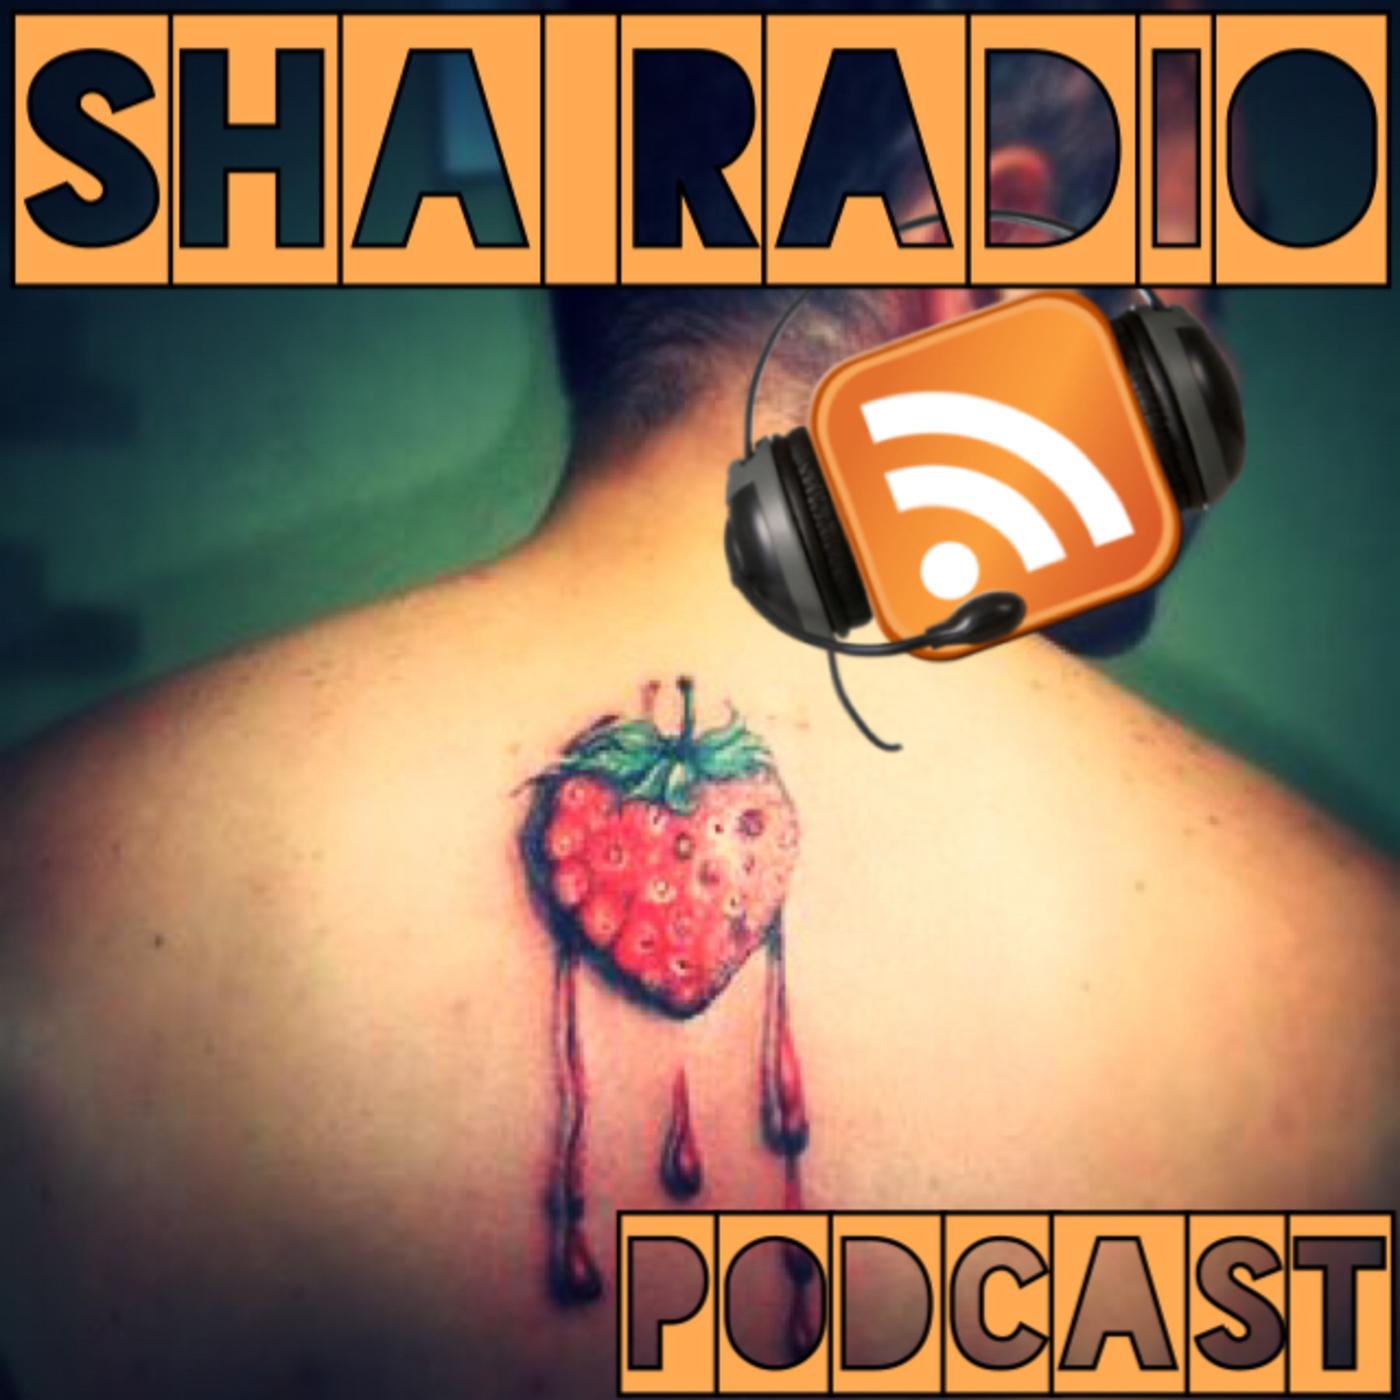 Ша Радио podcast